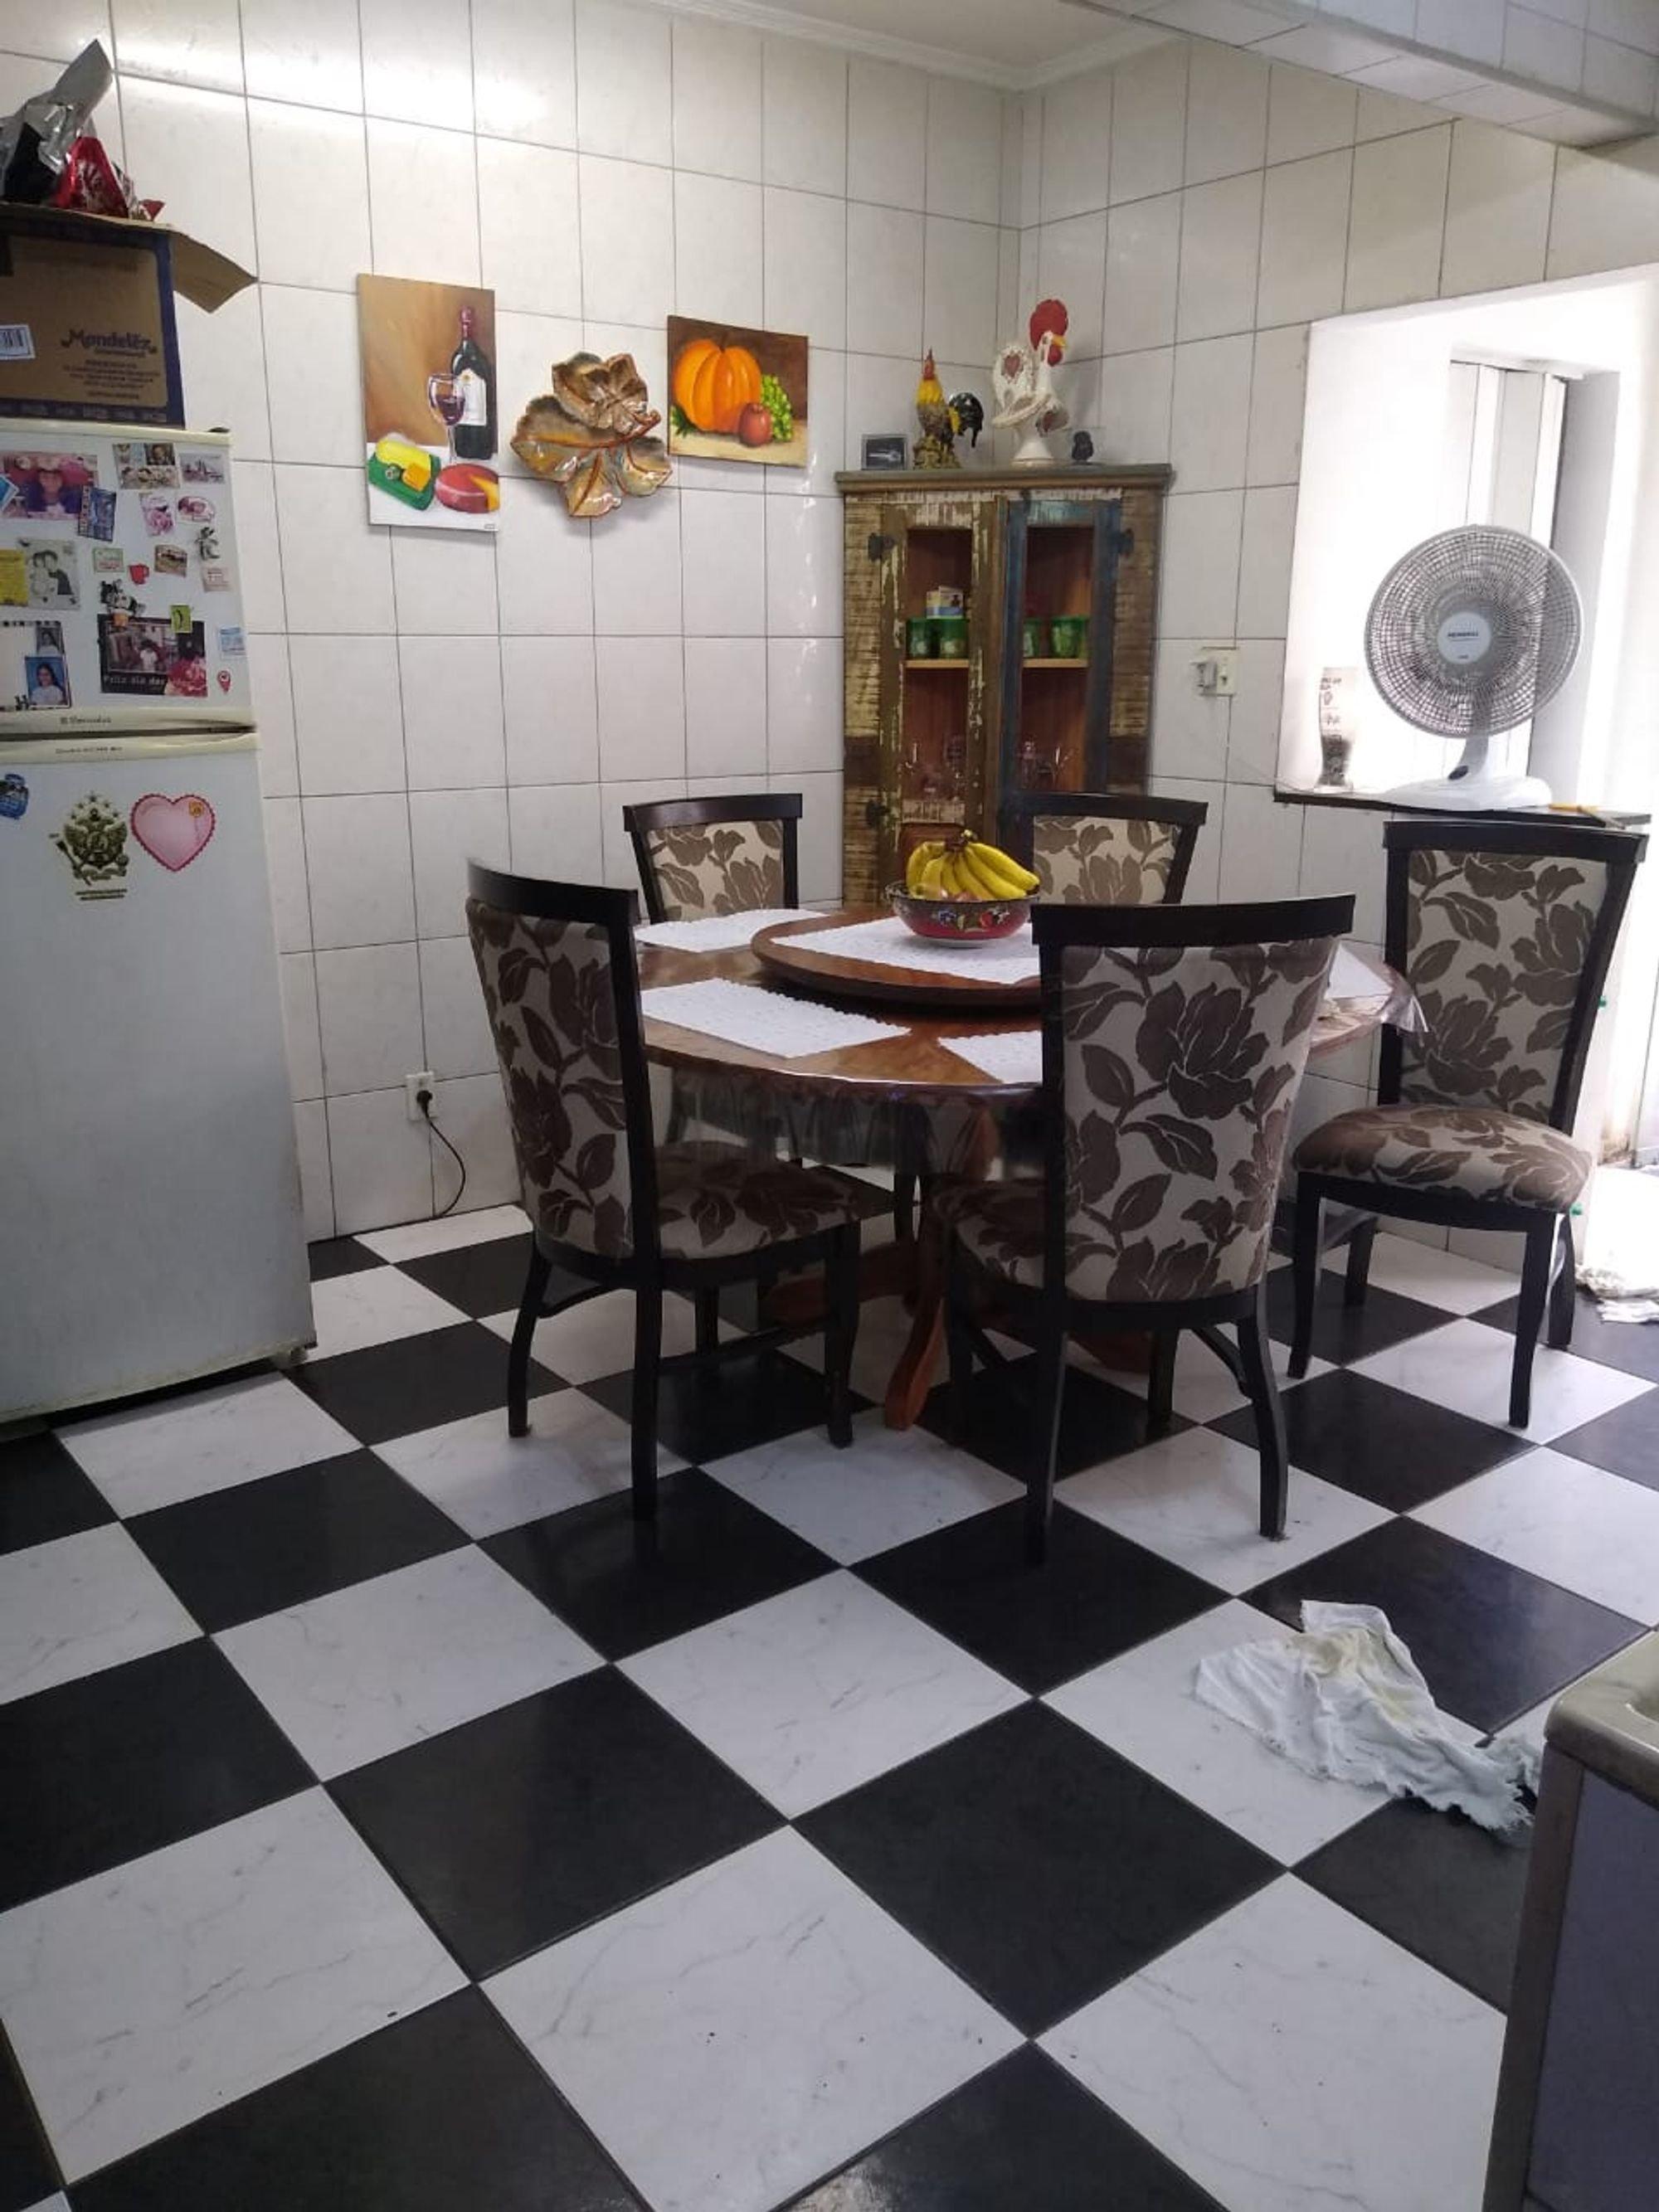 Foto de Sala com tigela, geladeira, cadeira